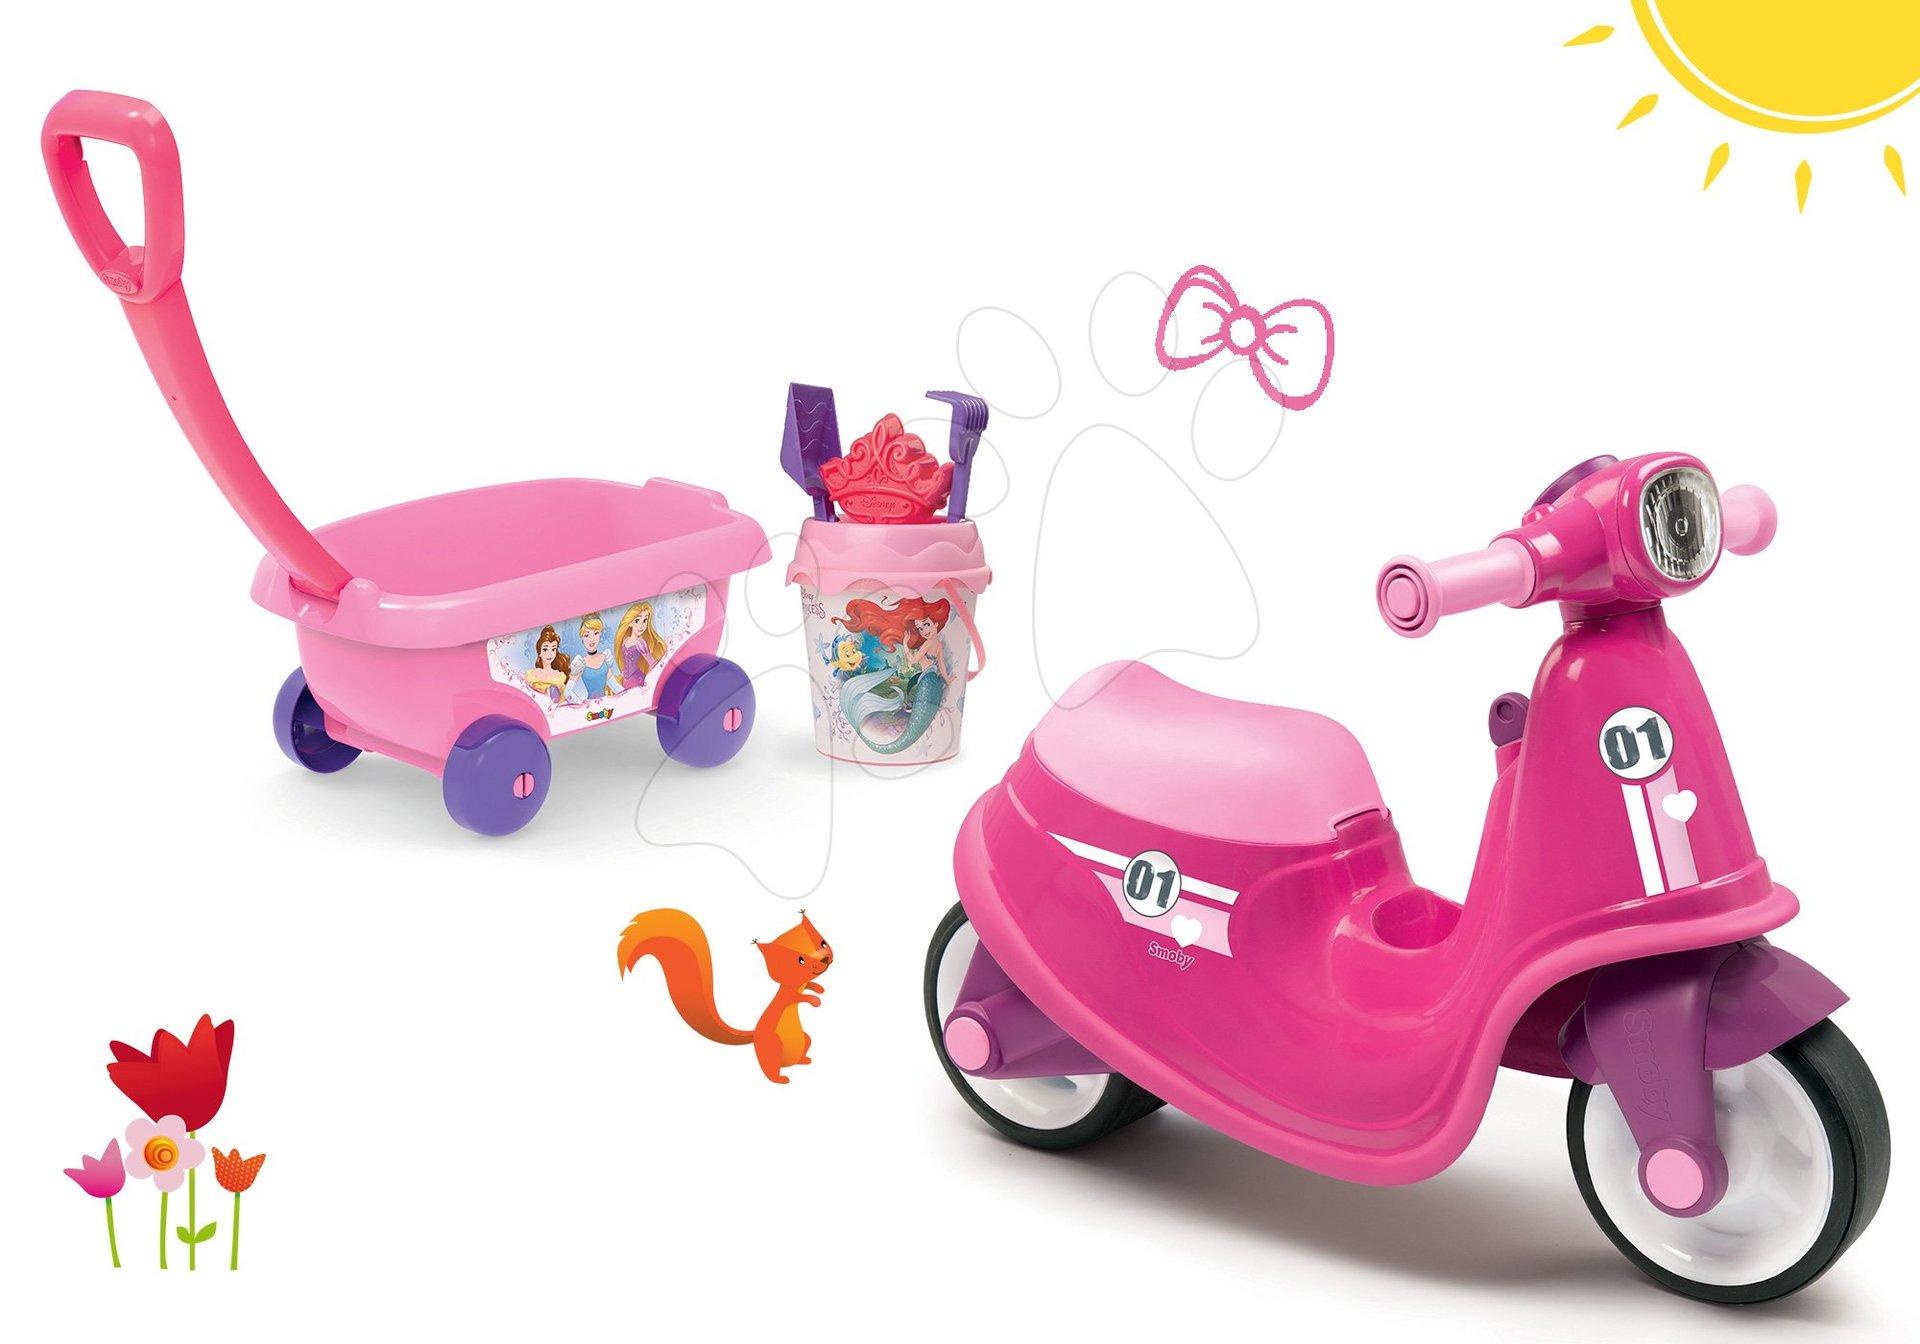 Smoby set odrážedlo Scooter Pink s gumovými koly a vozík na tahání s kbelík setem 721002-4